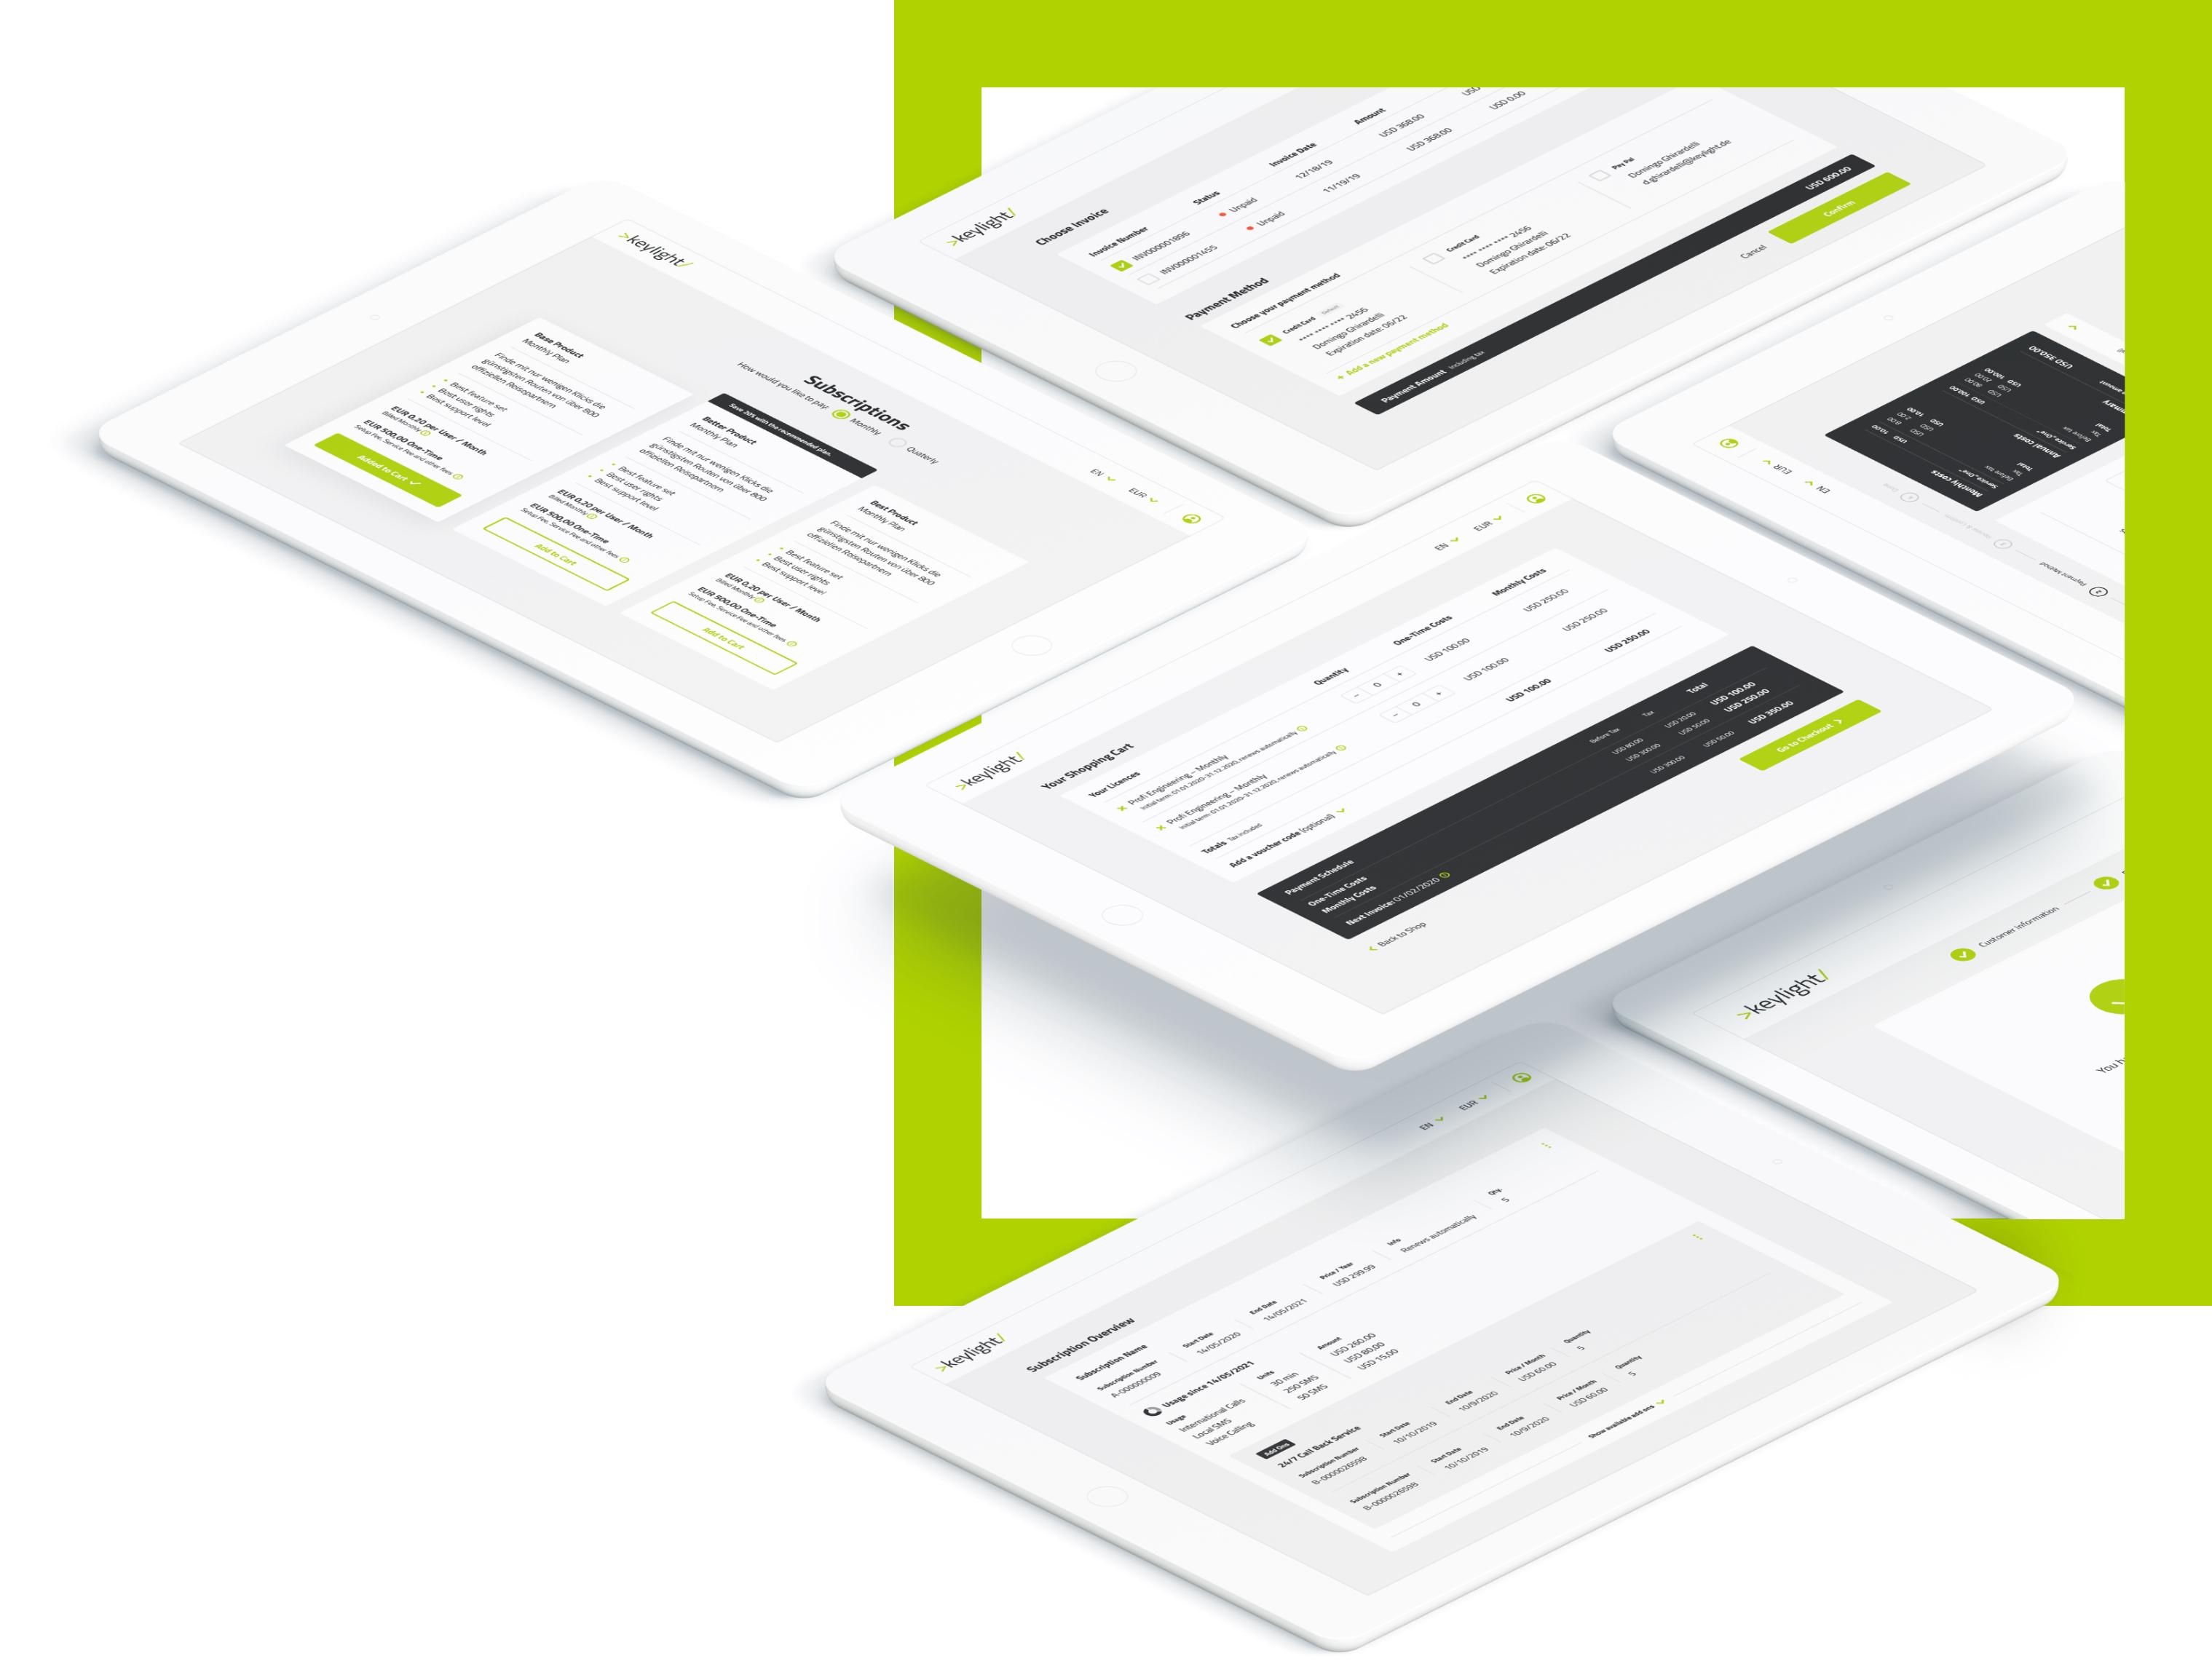 keylight Subscription Platform